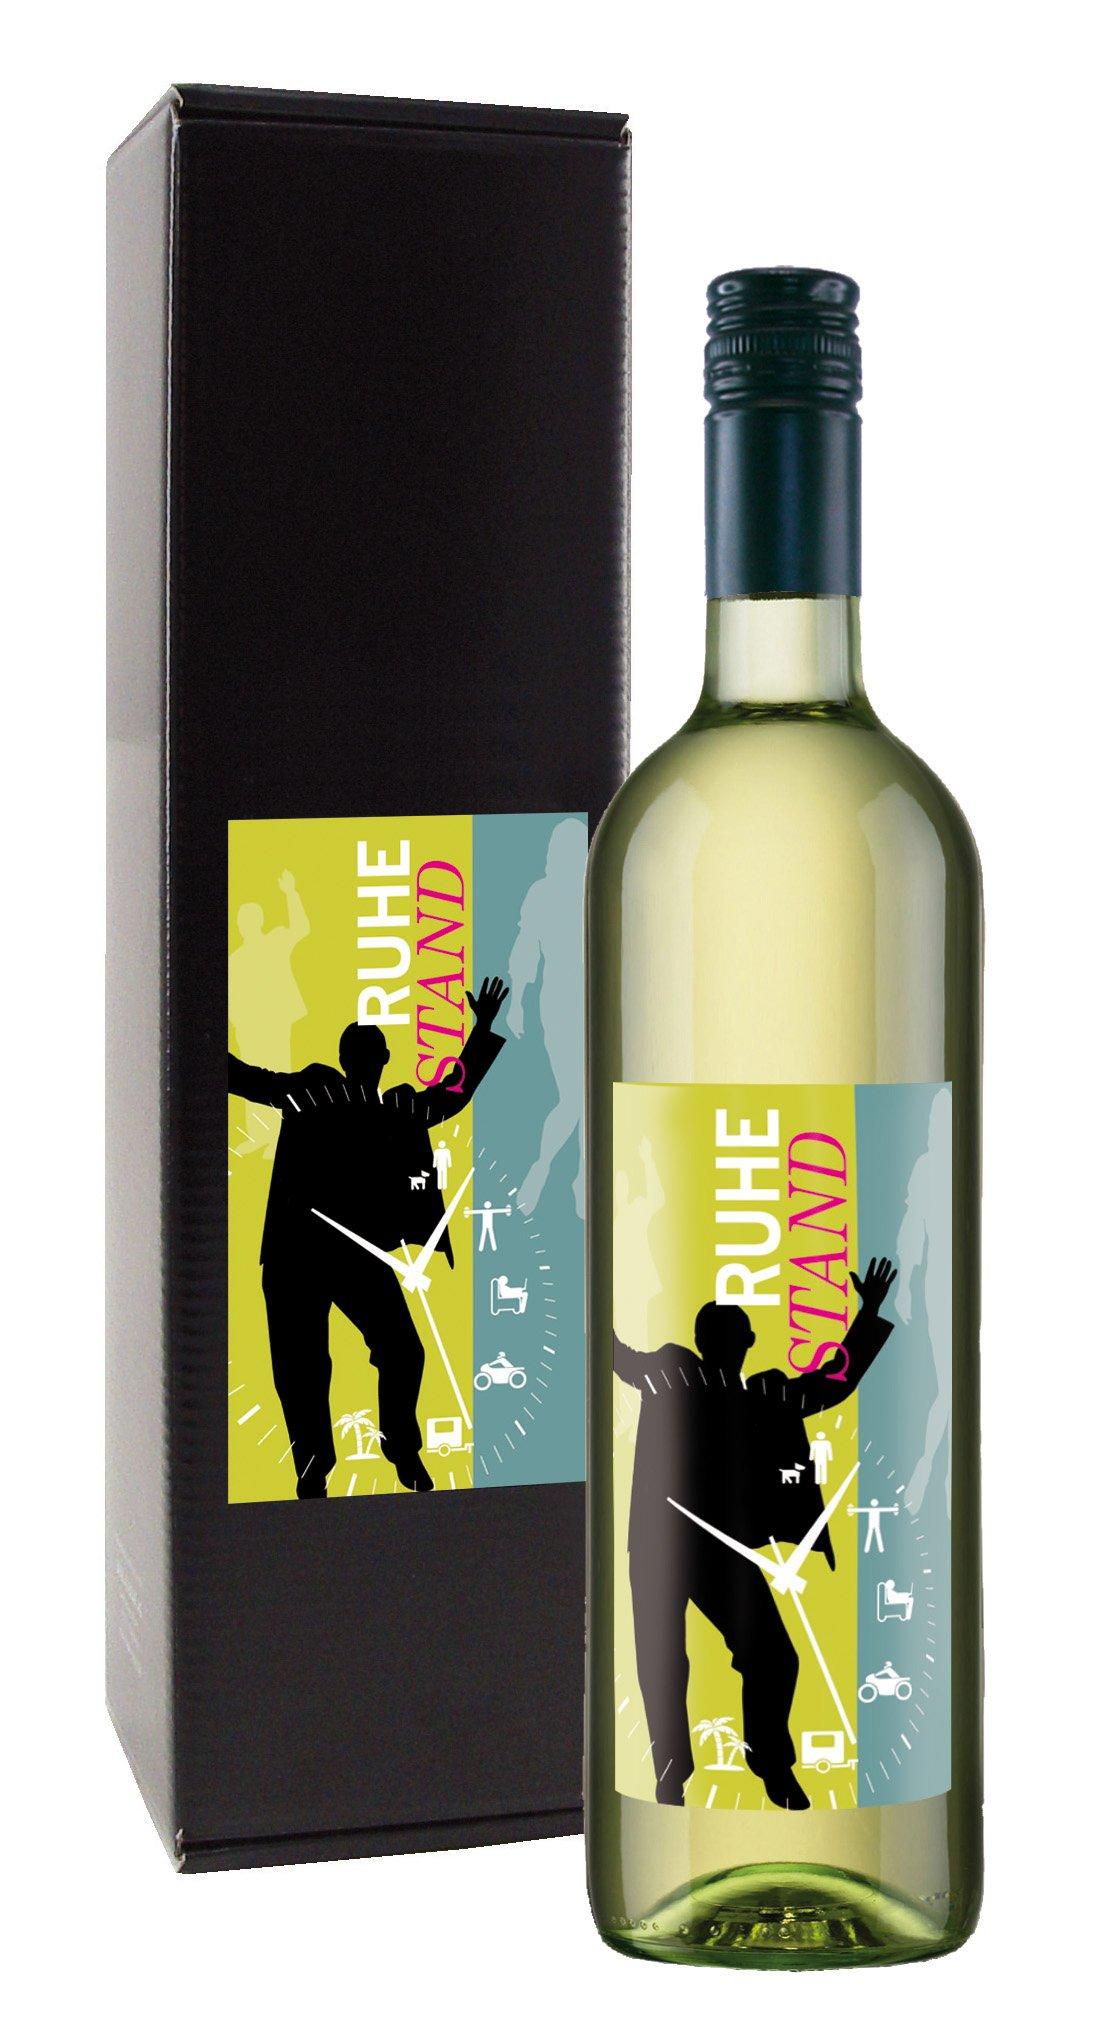 Wein-Geschenk-RUHESTAND